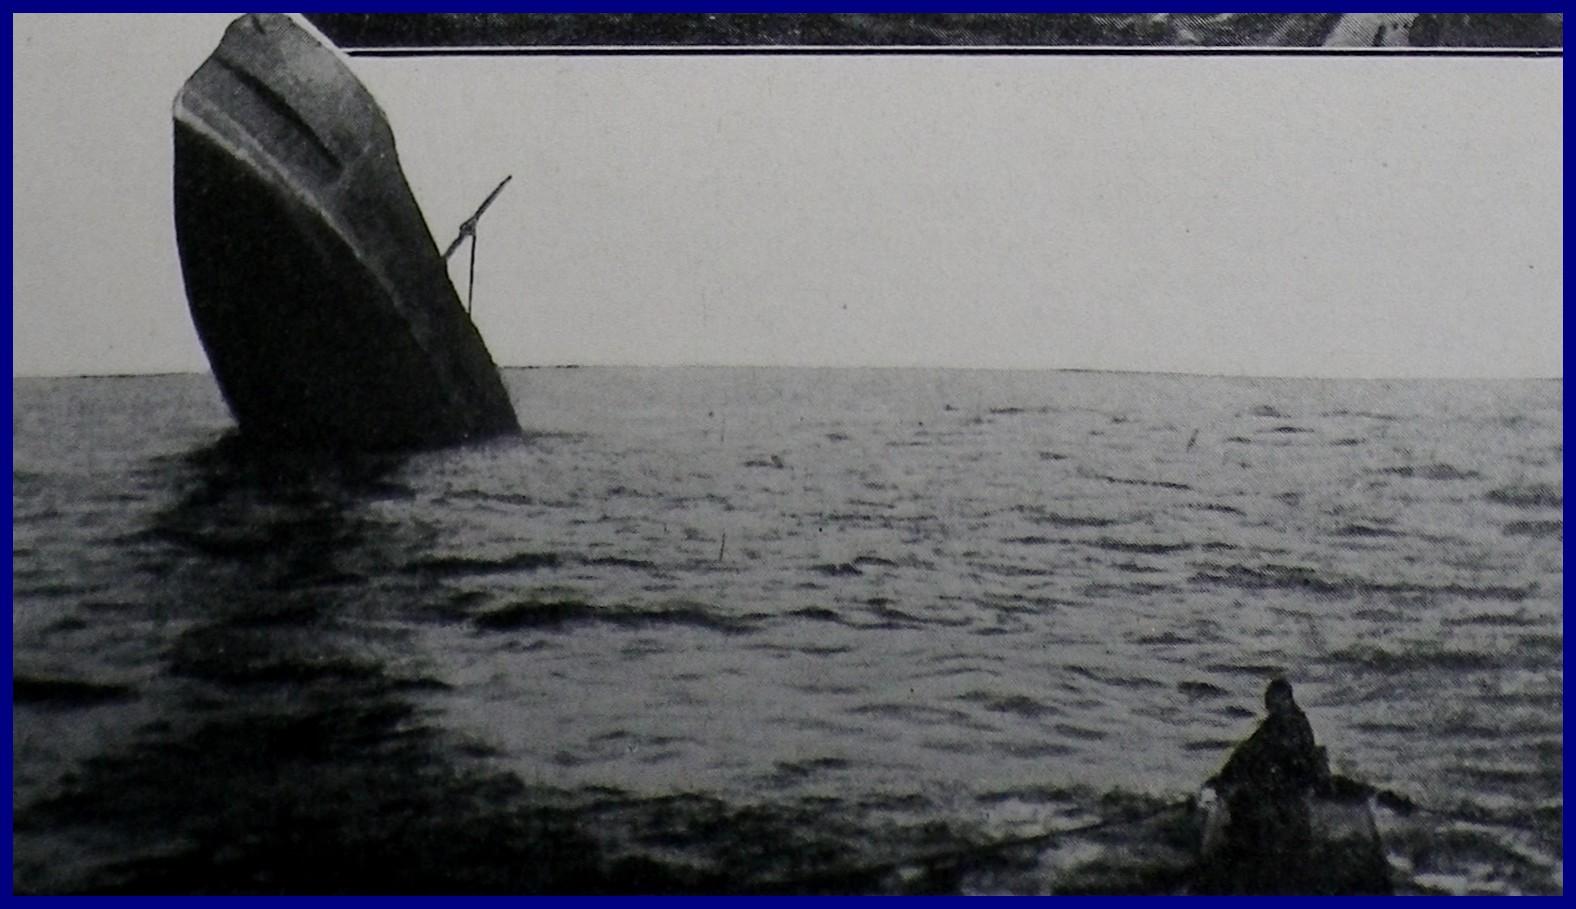 Calais 14 18 agonie d un transport de ravitaillement torpille par un sous marin allemand 3 encadre